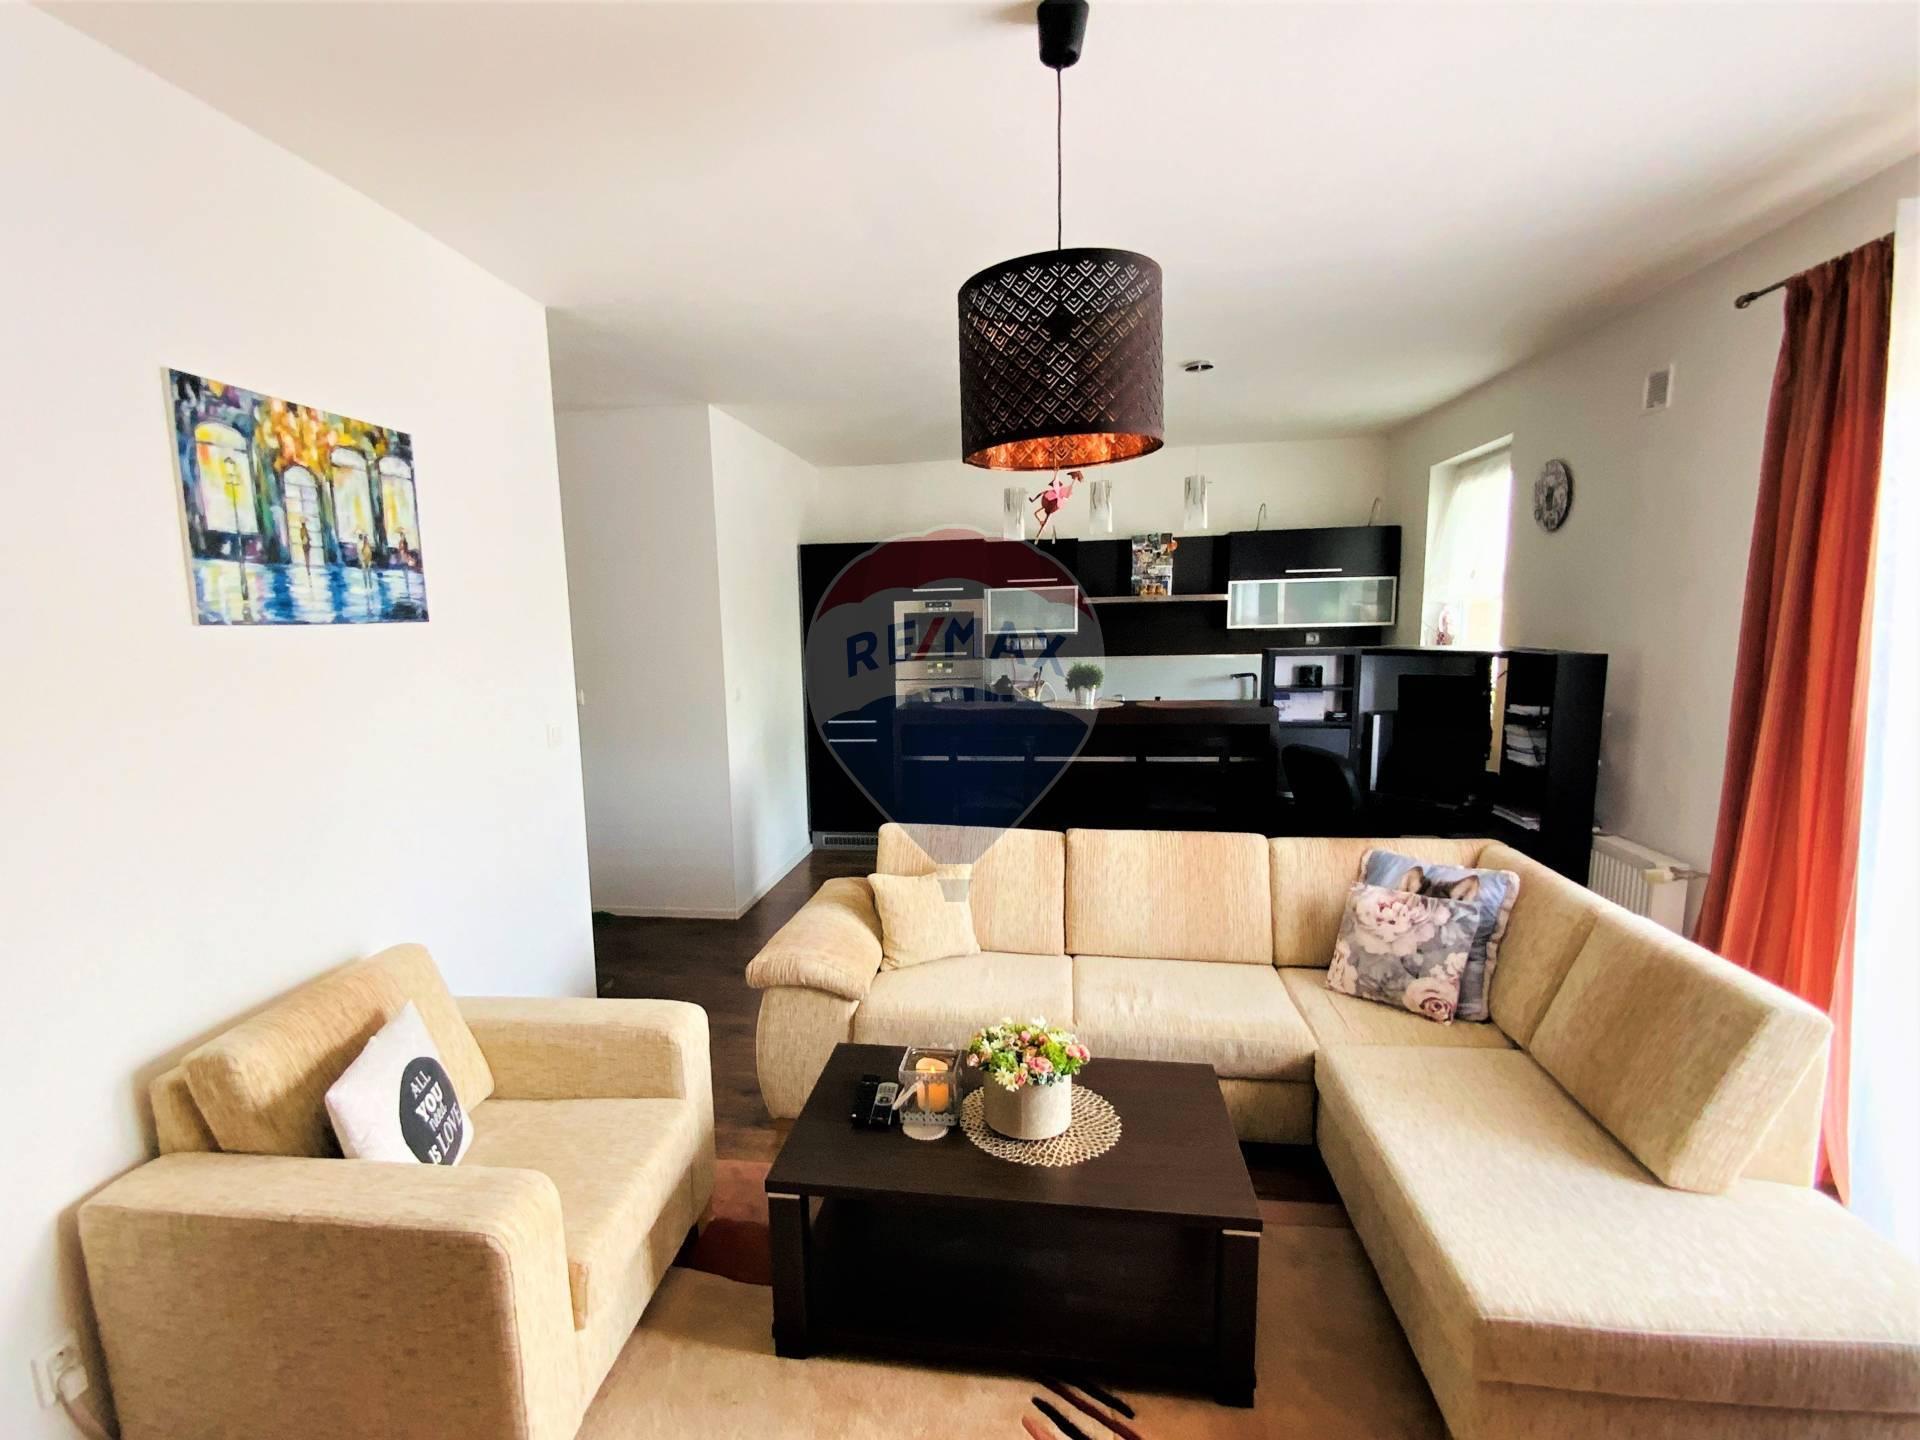 Predaj 2 izb. bytu, moderne vybavený s výmerou 61 m2, Pezinská ul.